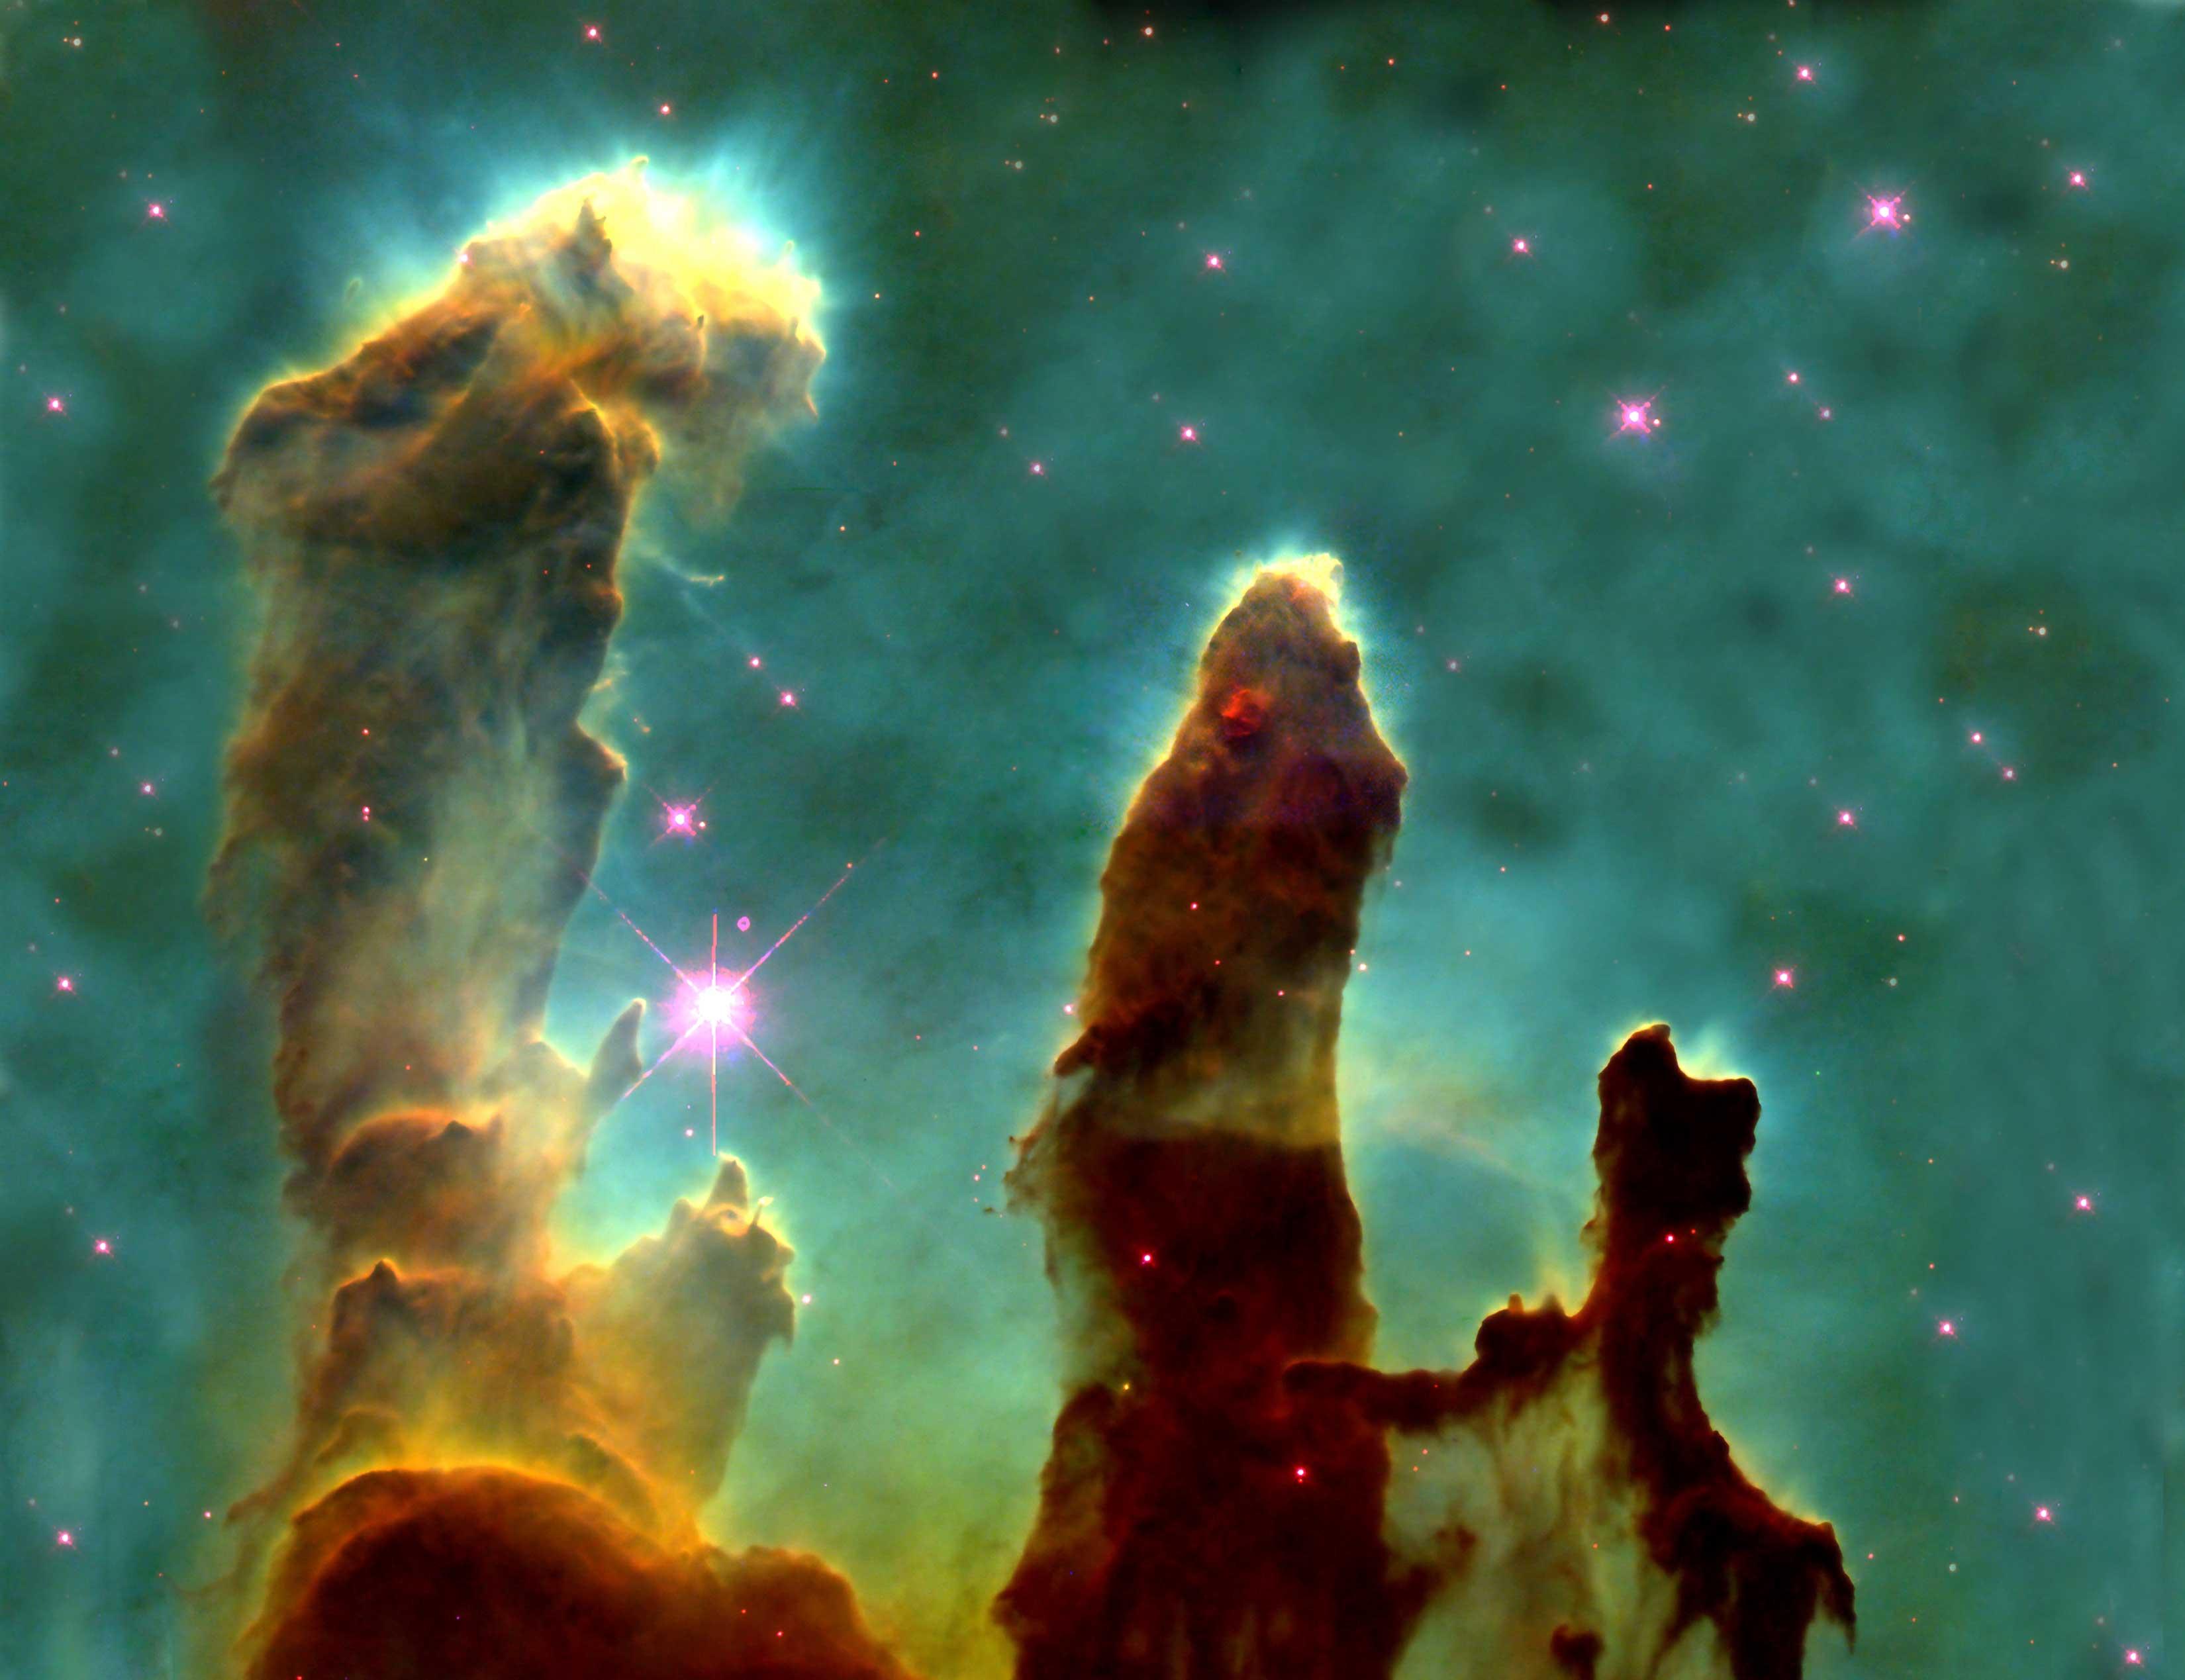 File:Pillars of Creation.jpeg - Wikimedia Commons